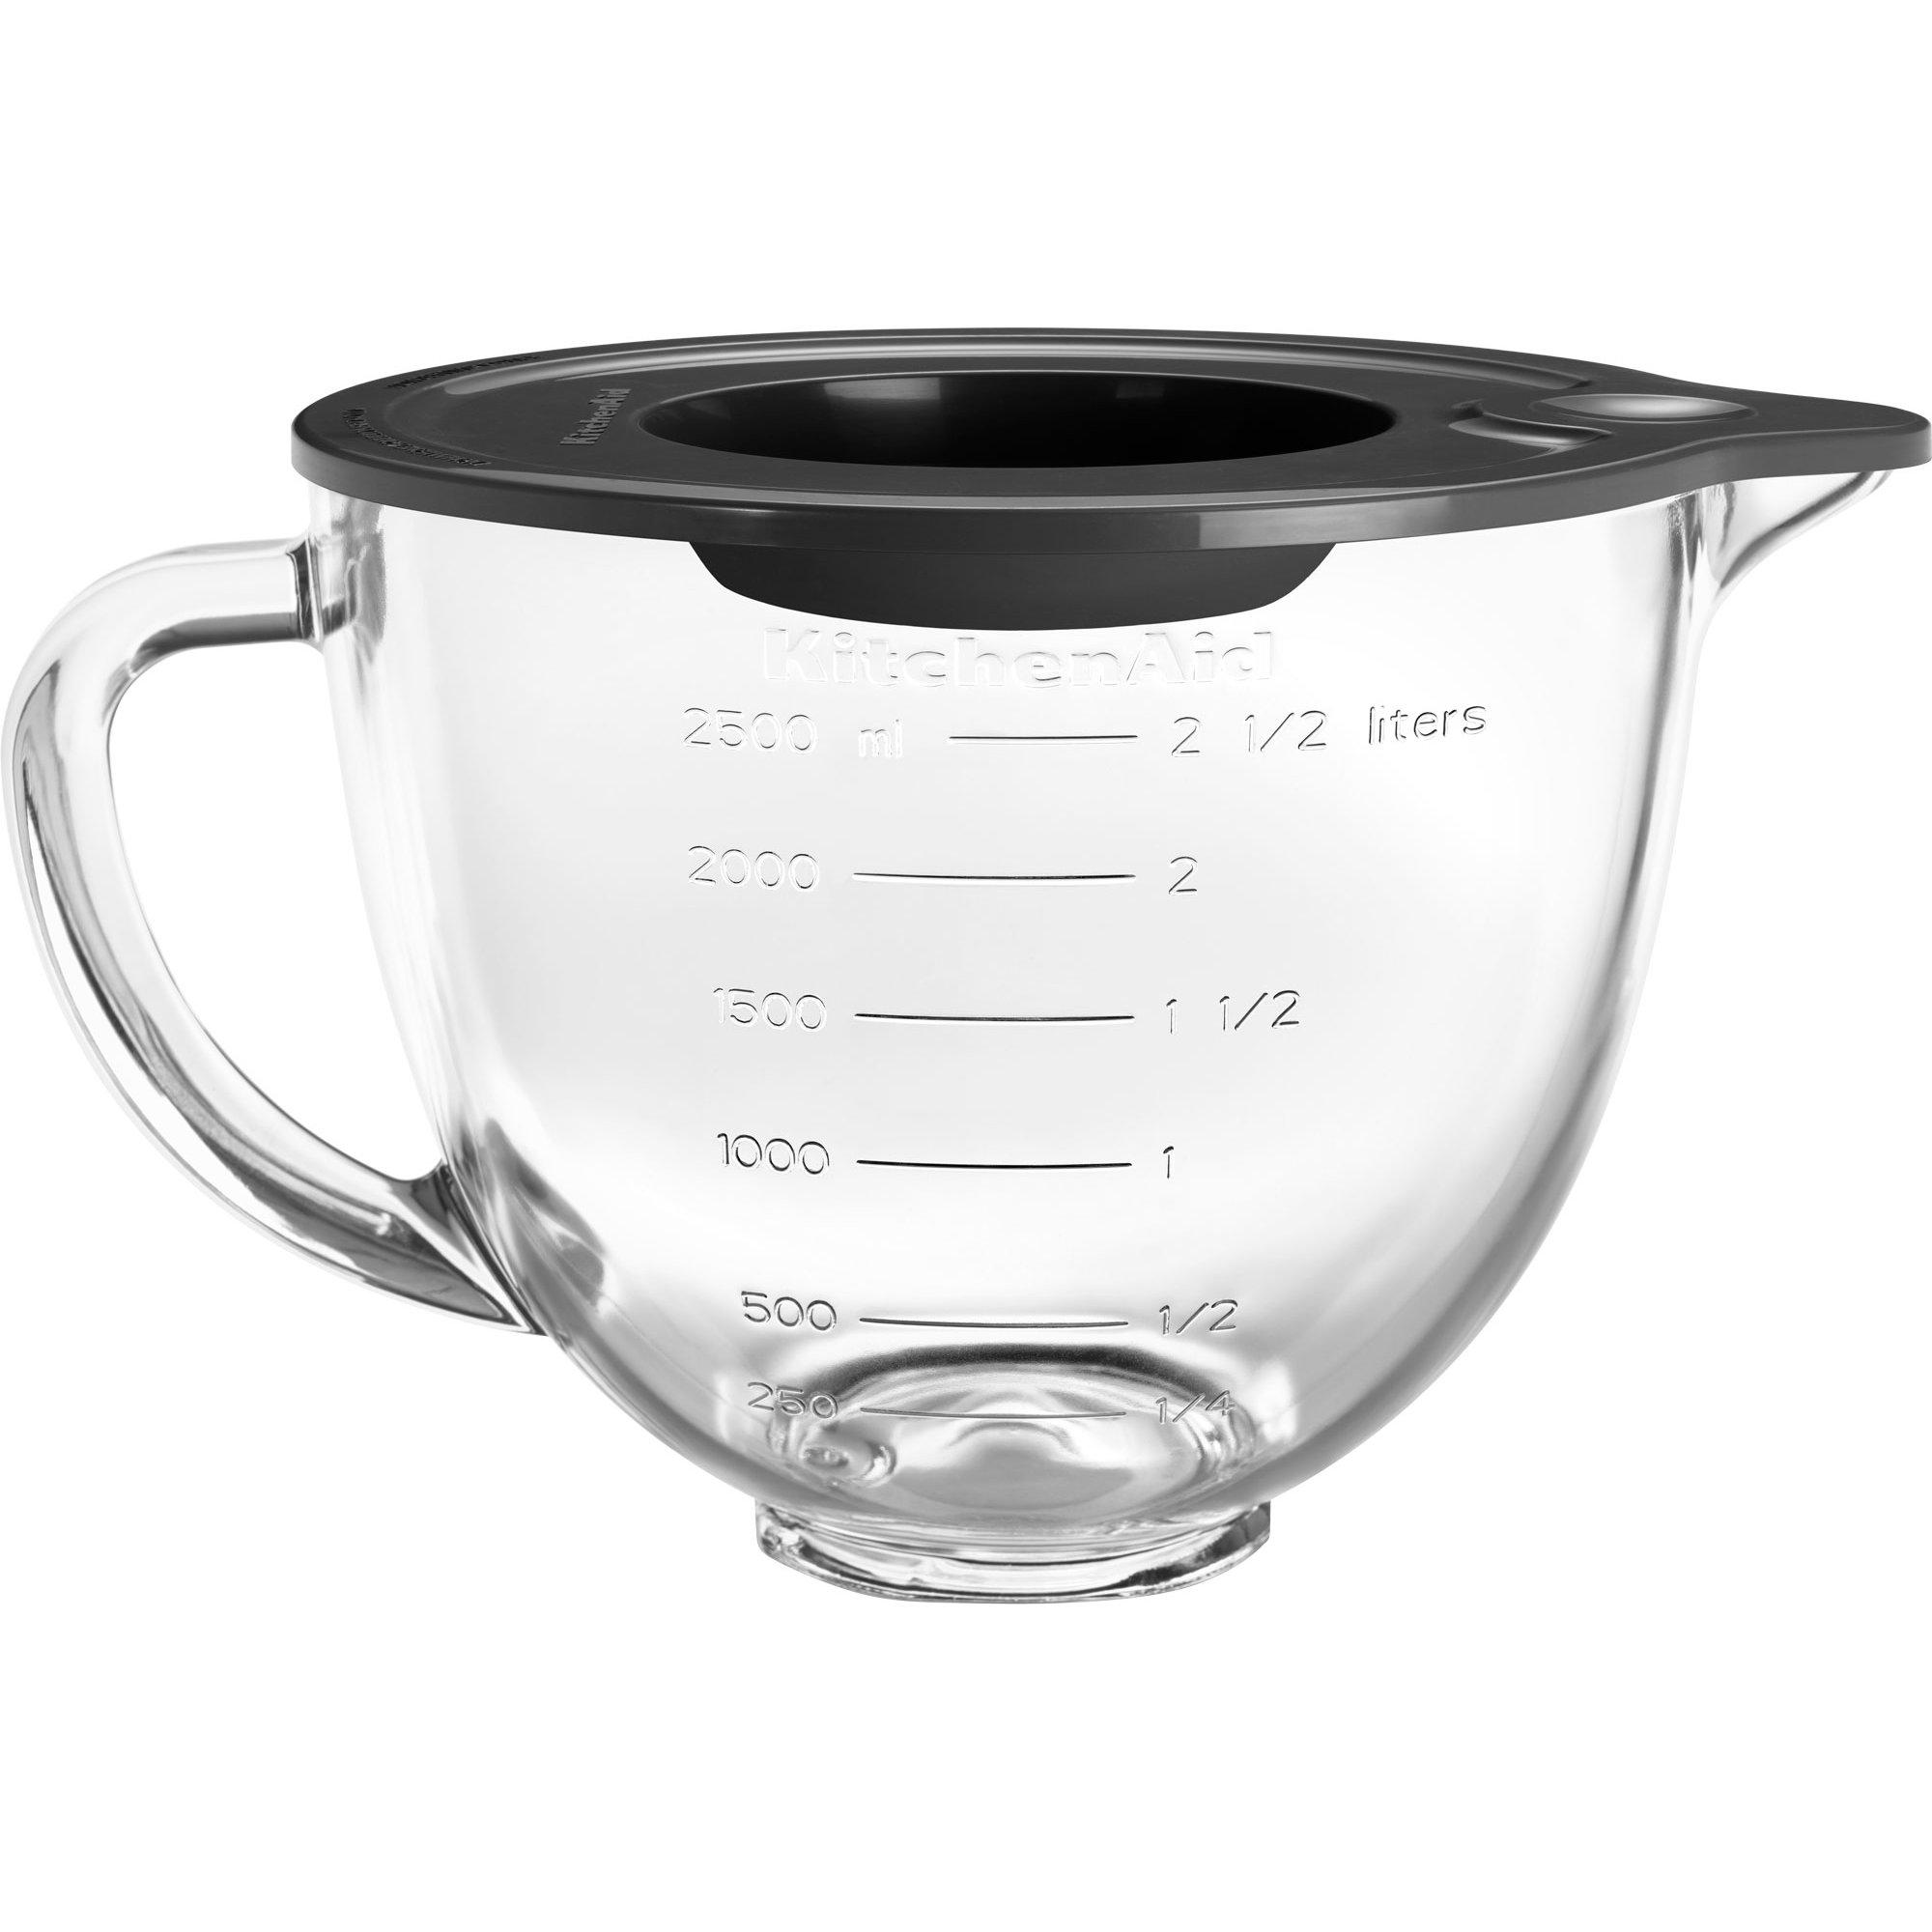 KitchenAid Glasskål till köksmaskin 3,3 liter